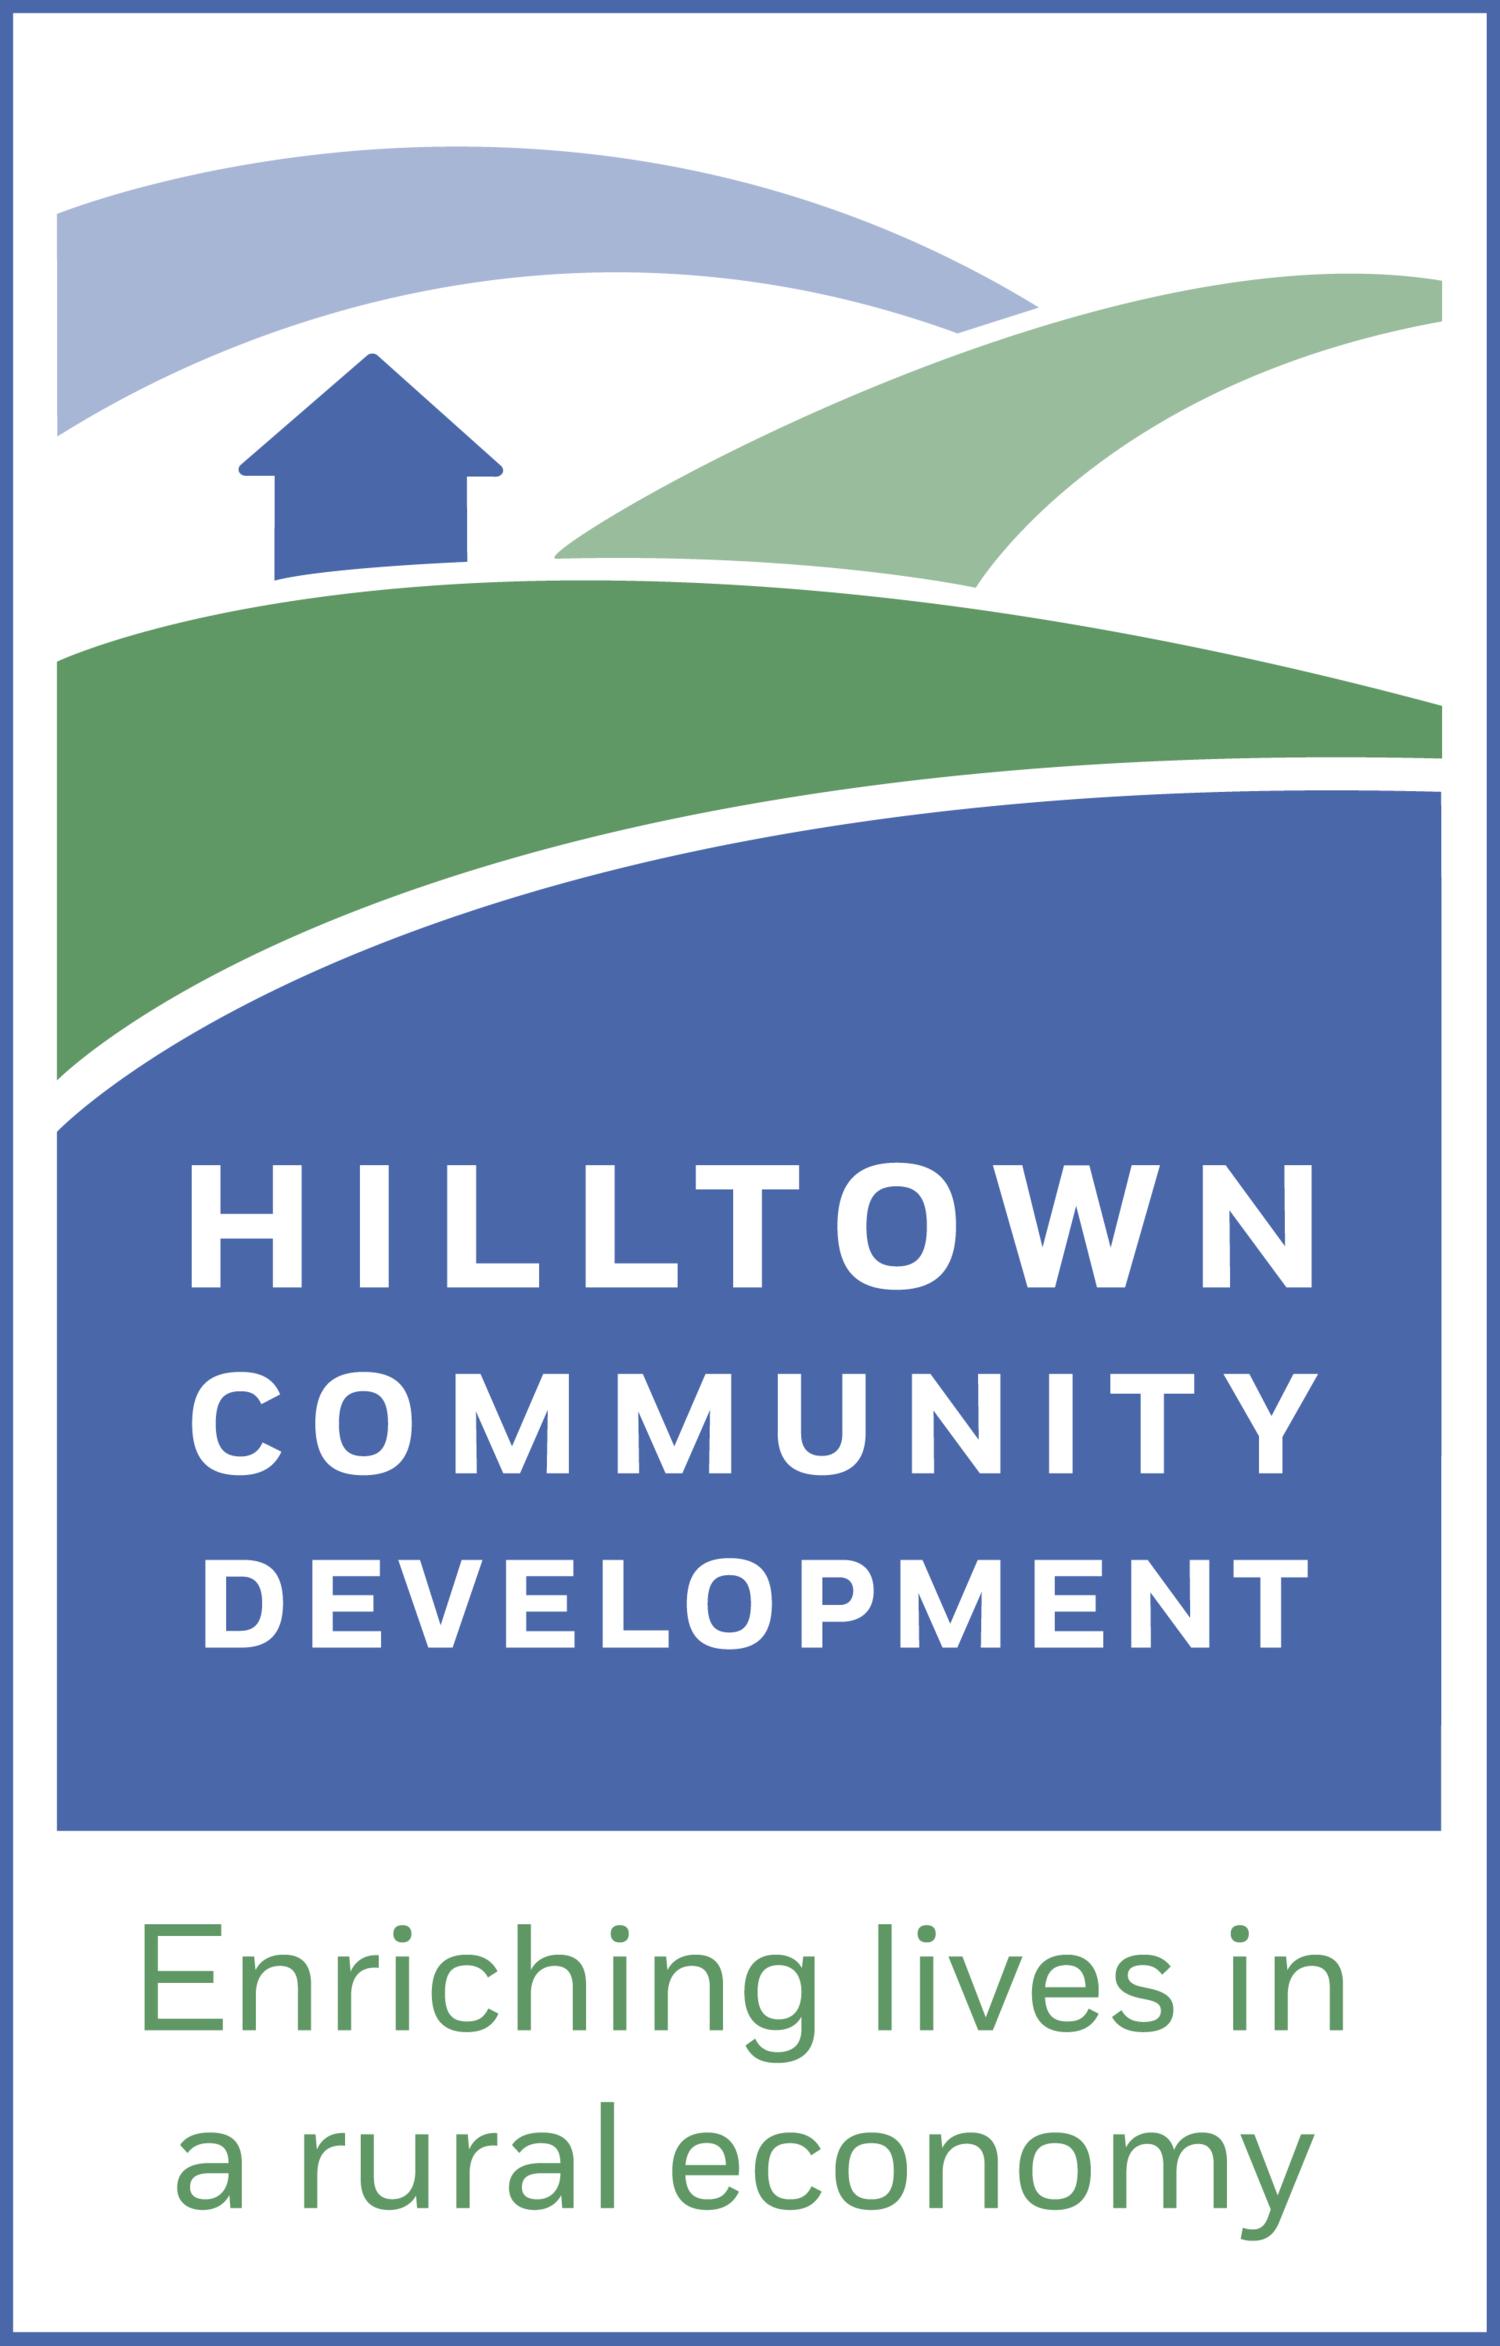 HilltownLogo_vert_TagInBox.png